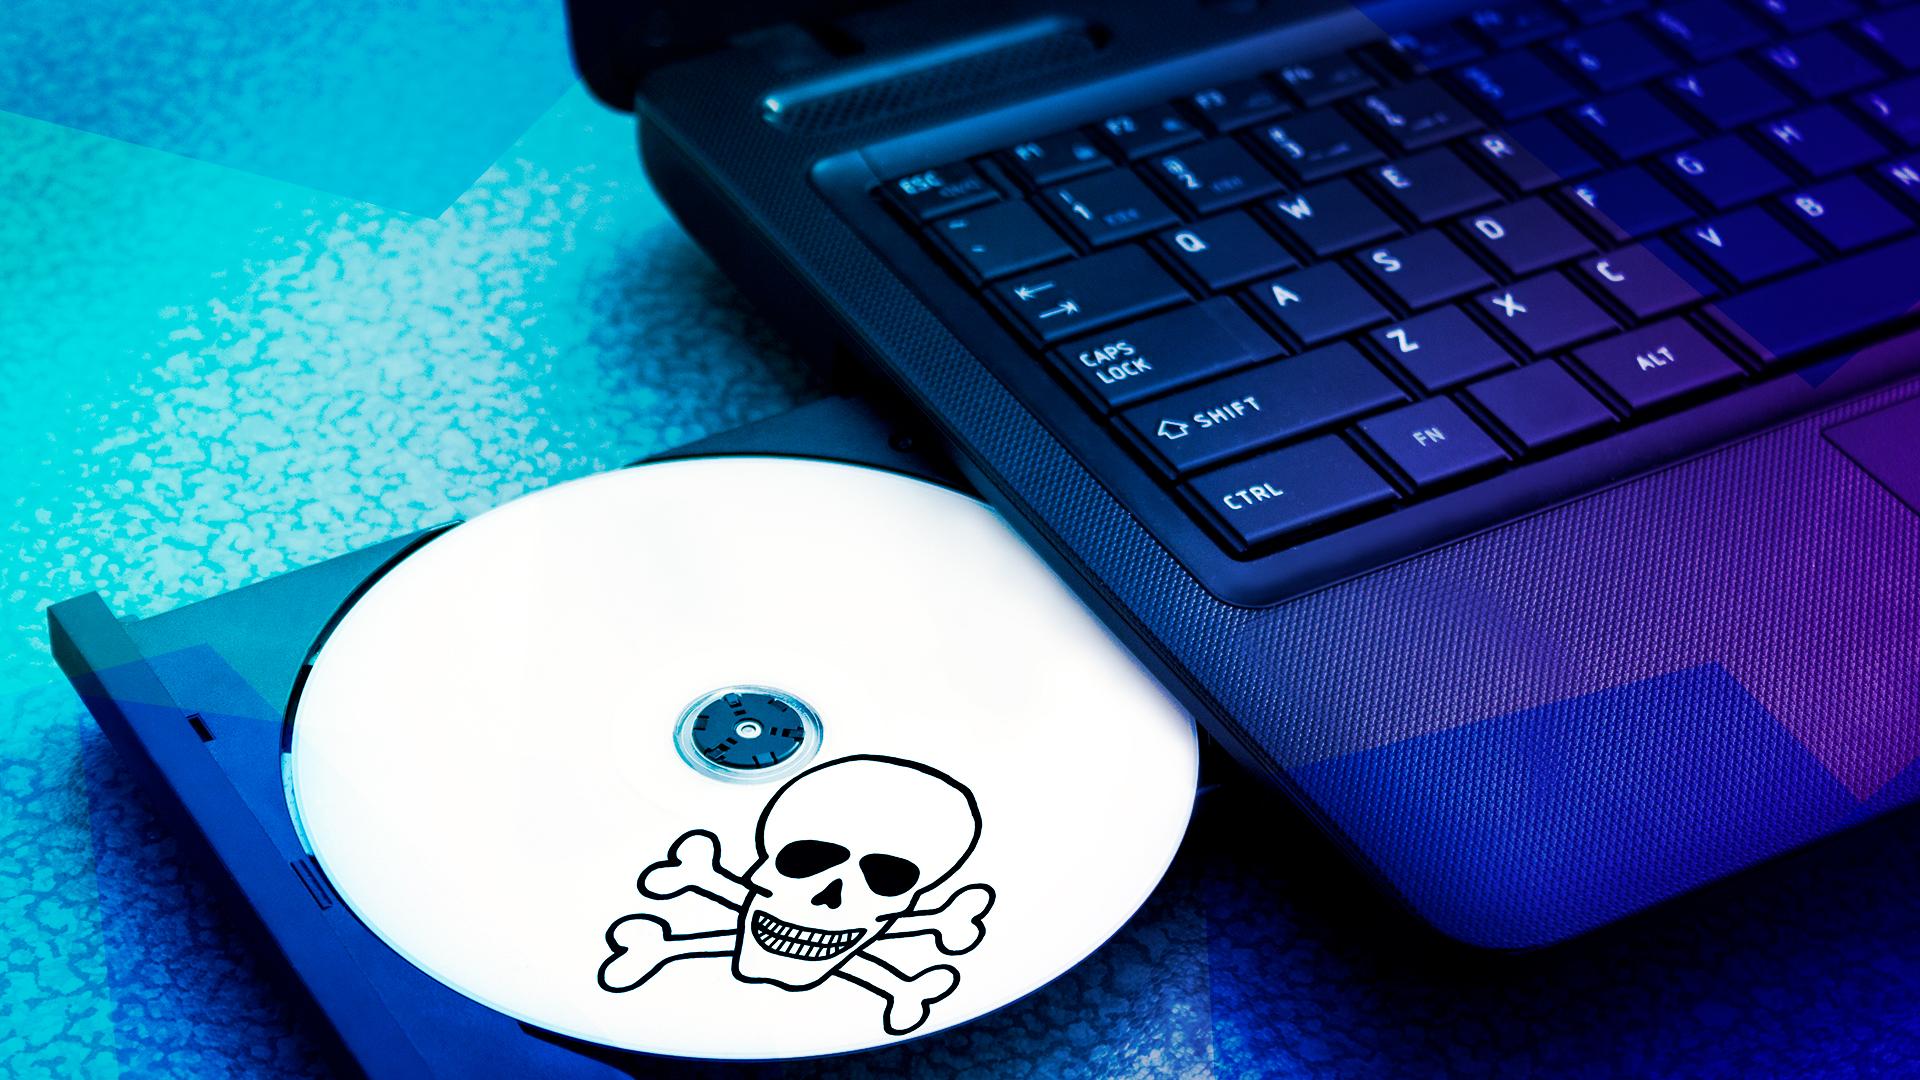 Filesharing, Piraterie, Dvd, Cd, Filesharer, Piracy, Softwarepiraterie, Totenkopf